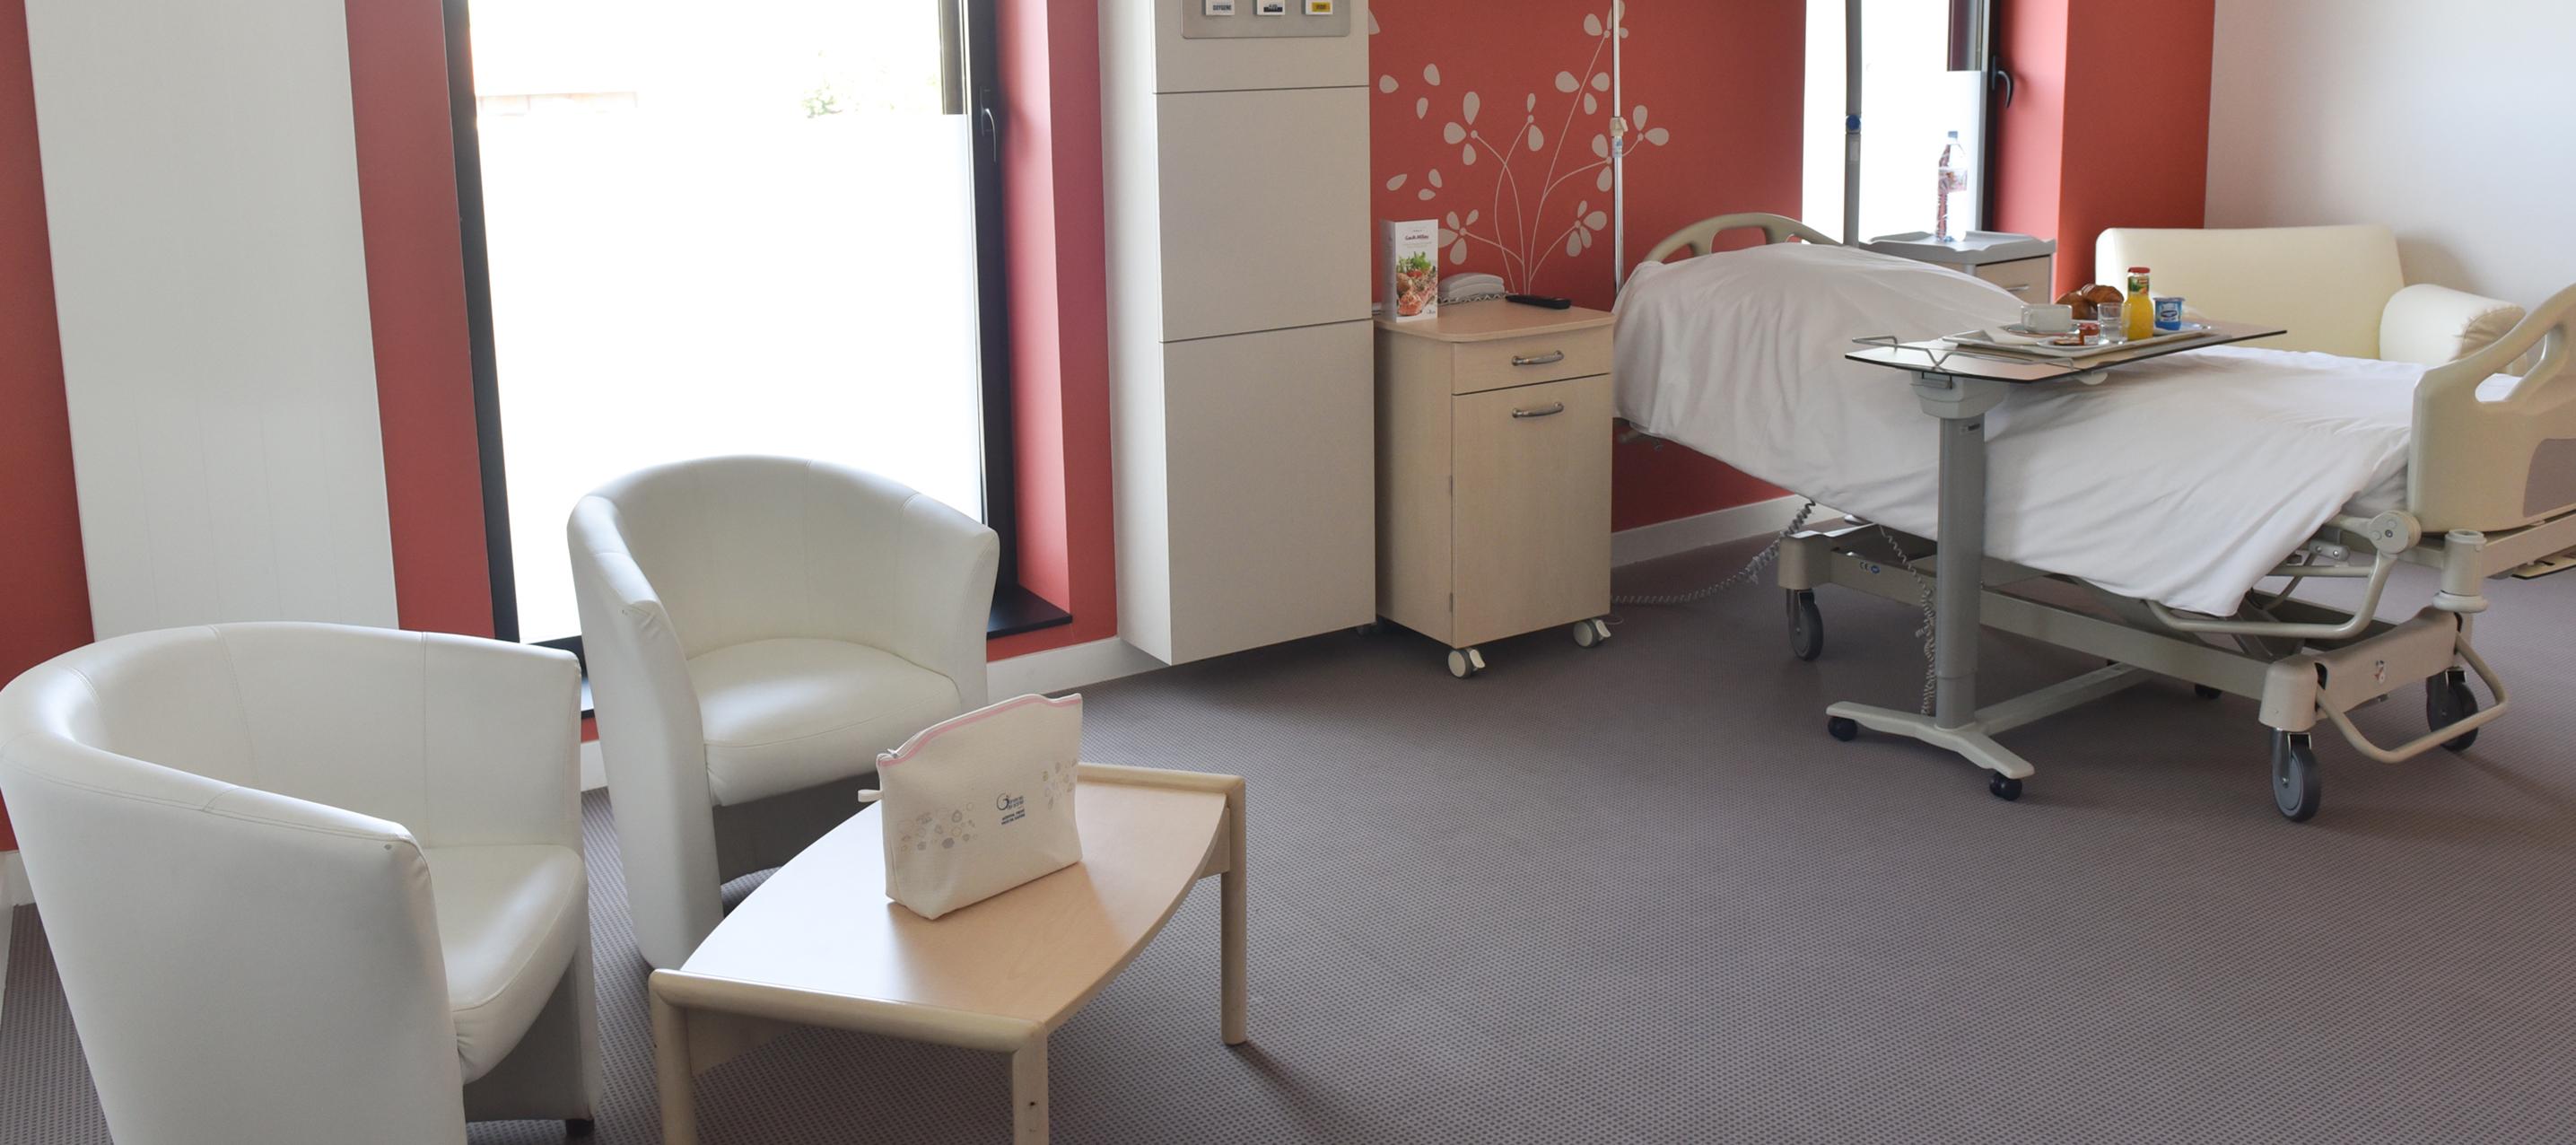 Offres SOLO | Hôpital Privé Pays De Savoie